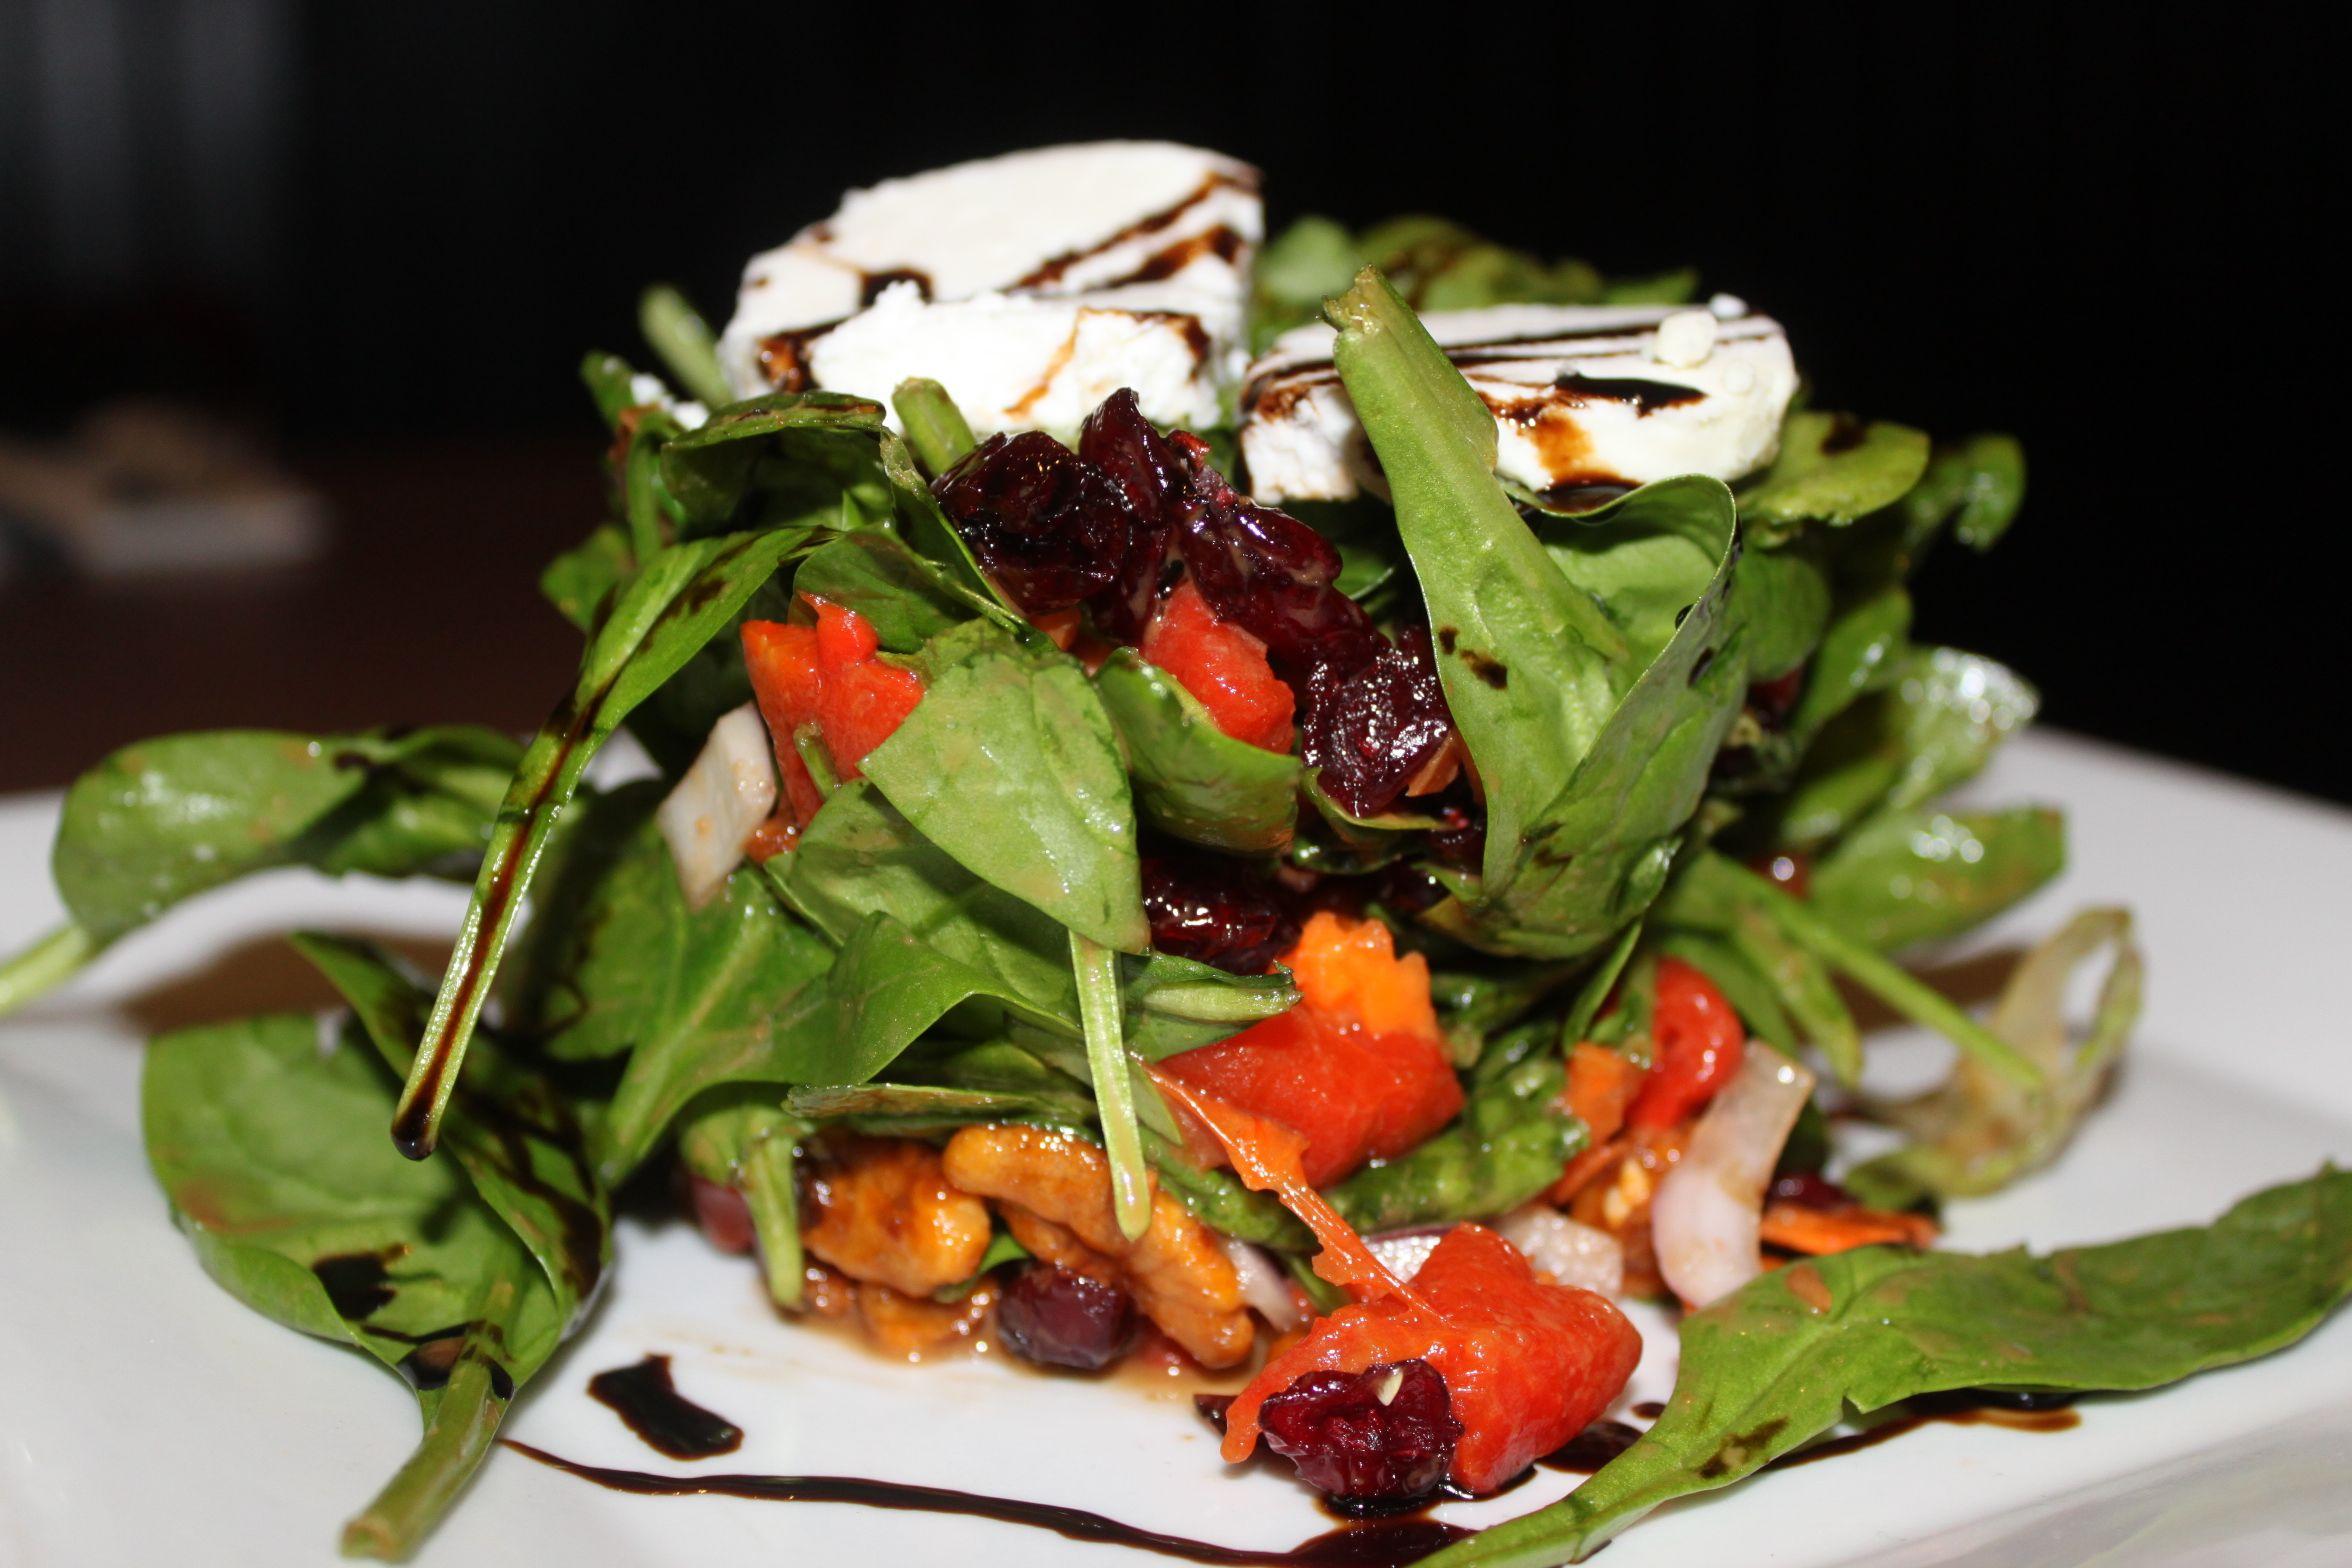 Corrig Spinach Salad